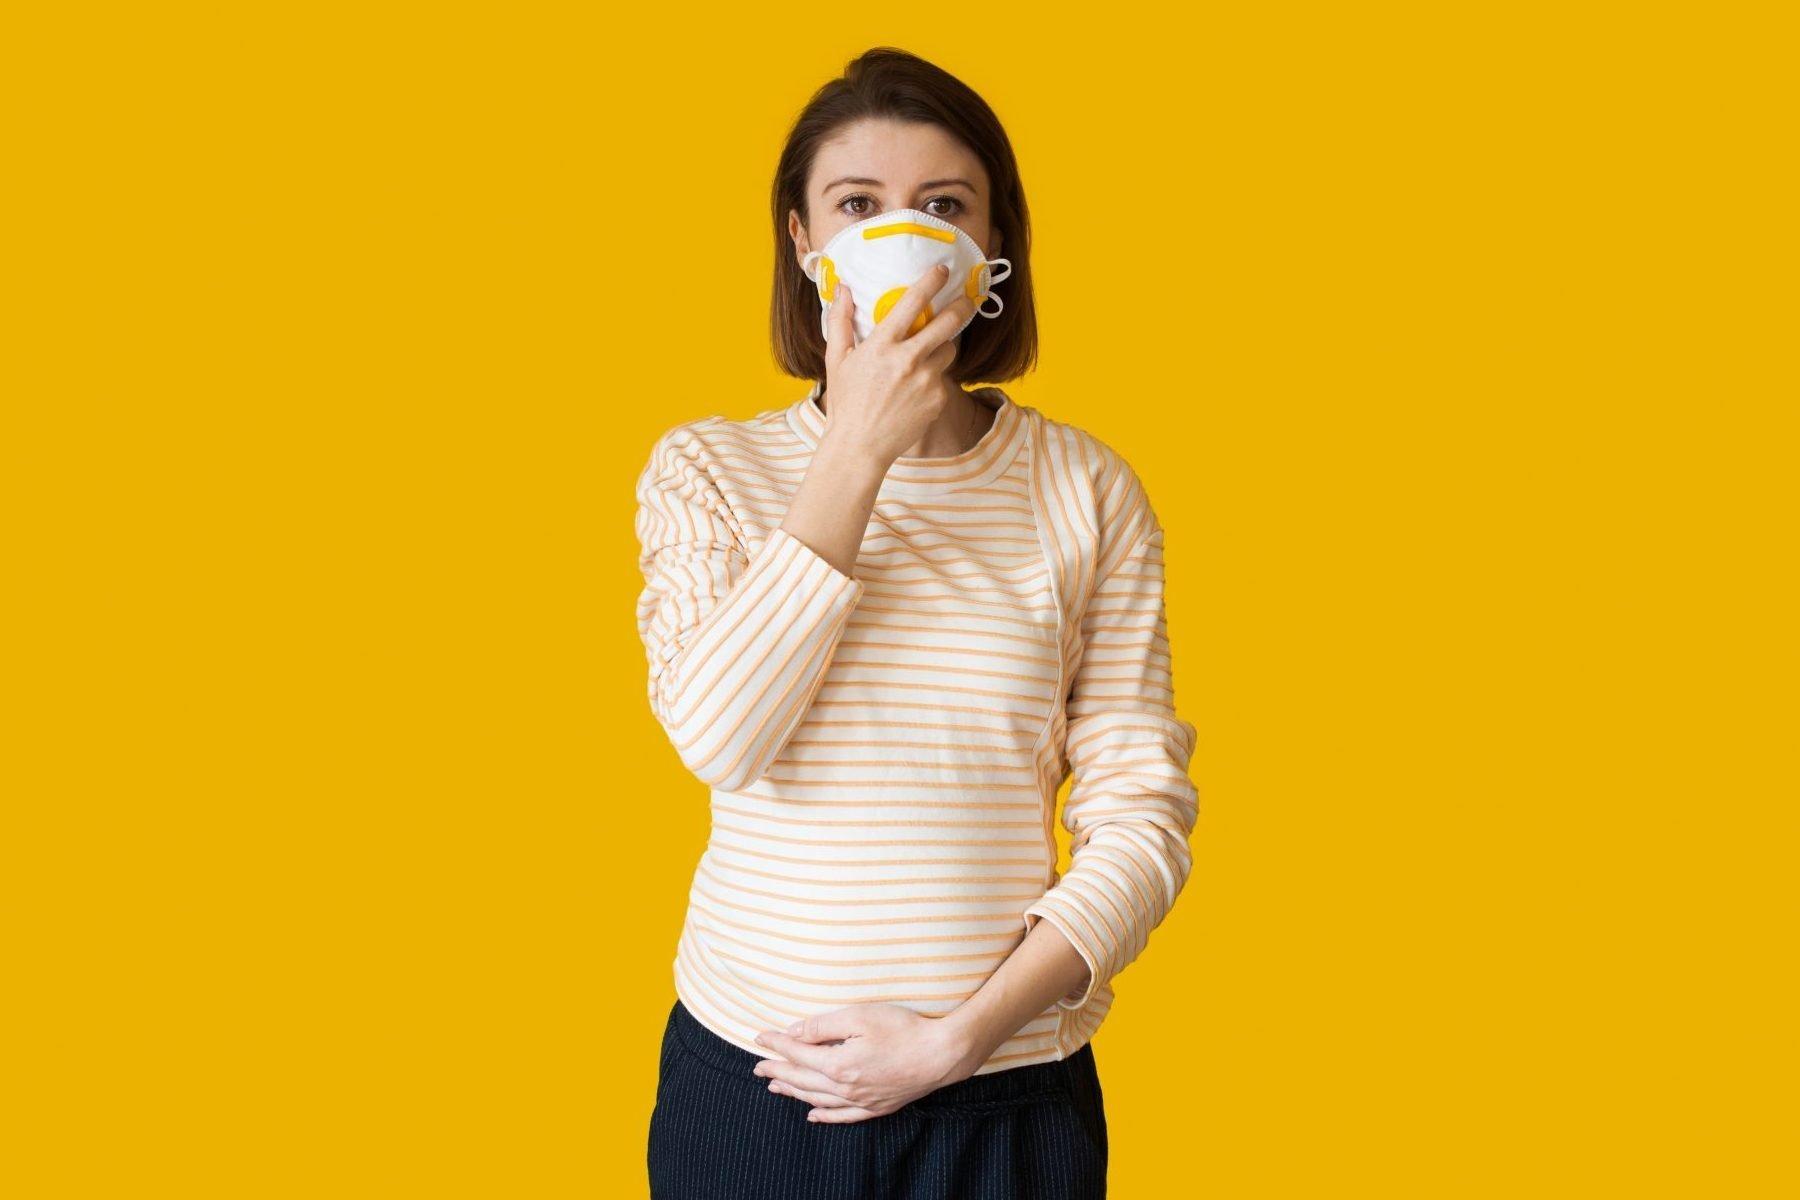 Mulher grávida com máscara no rosto